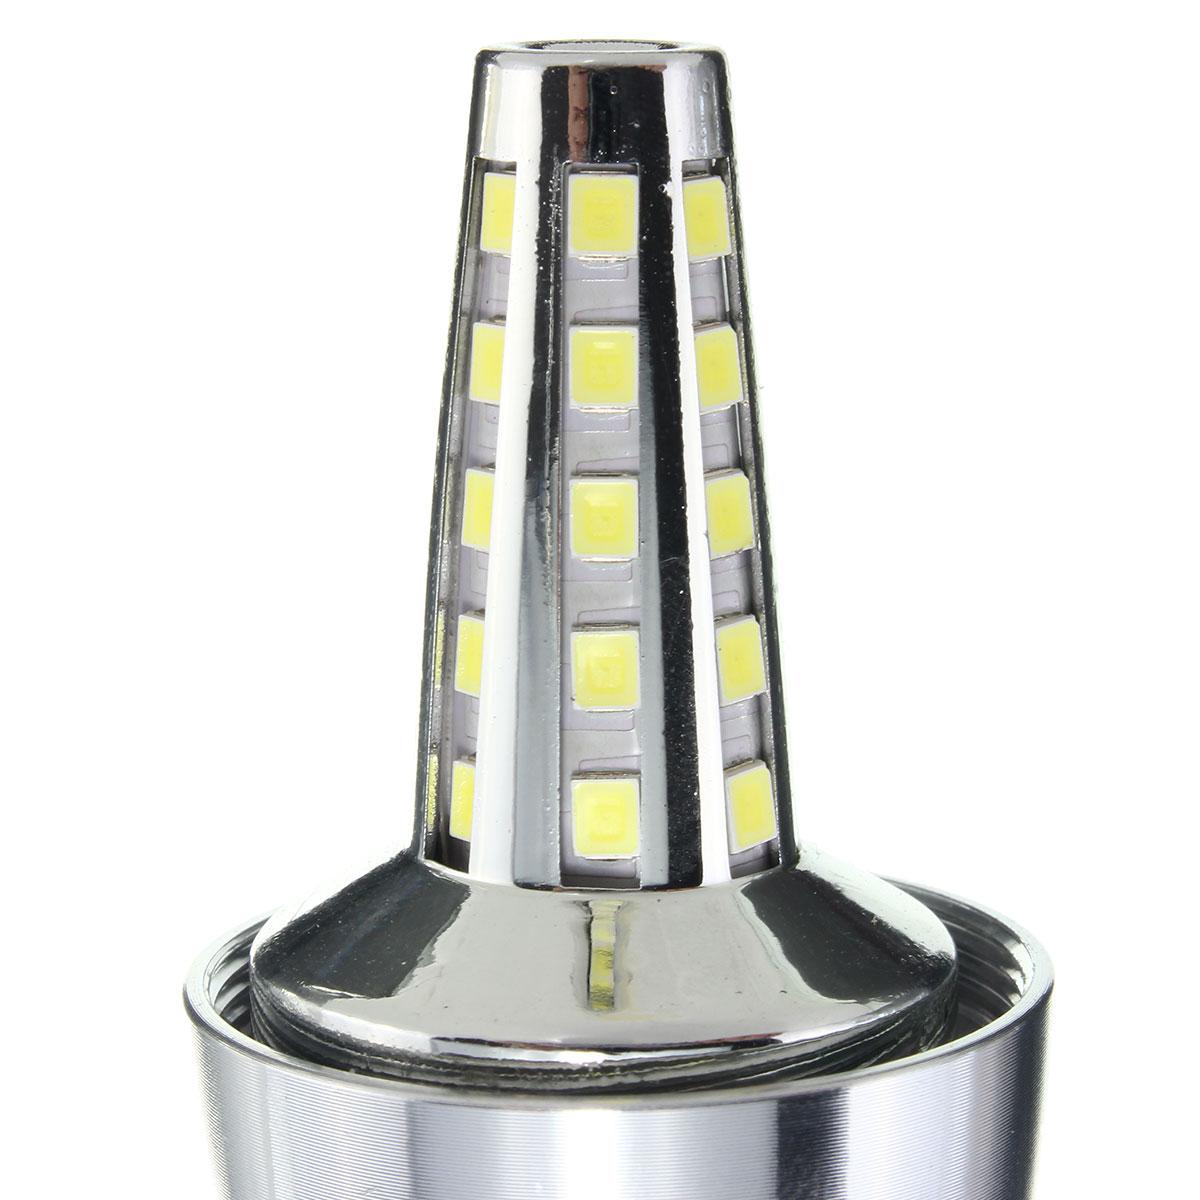 E27 E14 E12 B22 B15 6W 35 SMD 2835 LED Cone Candle Warm White Pure White Light Lamp Bulb AC85-265V